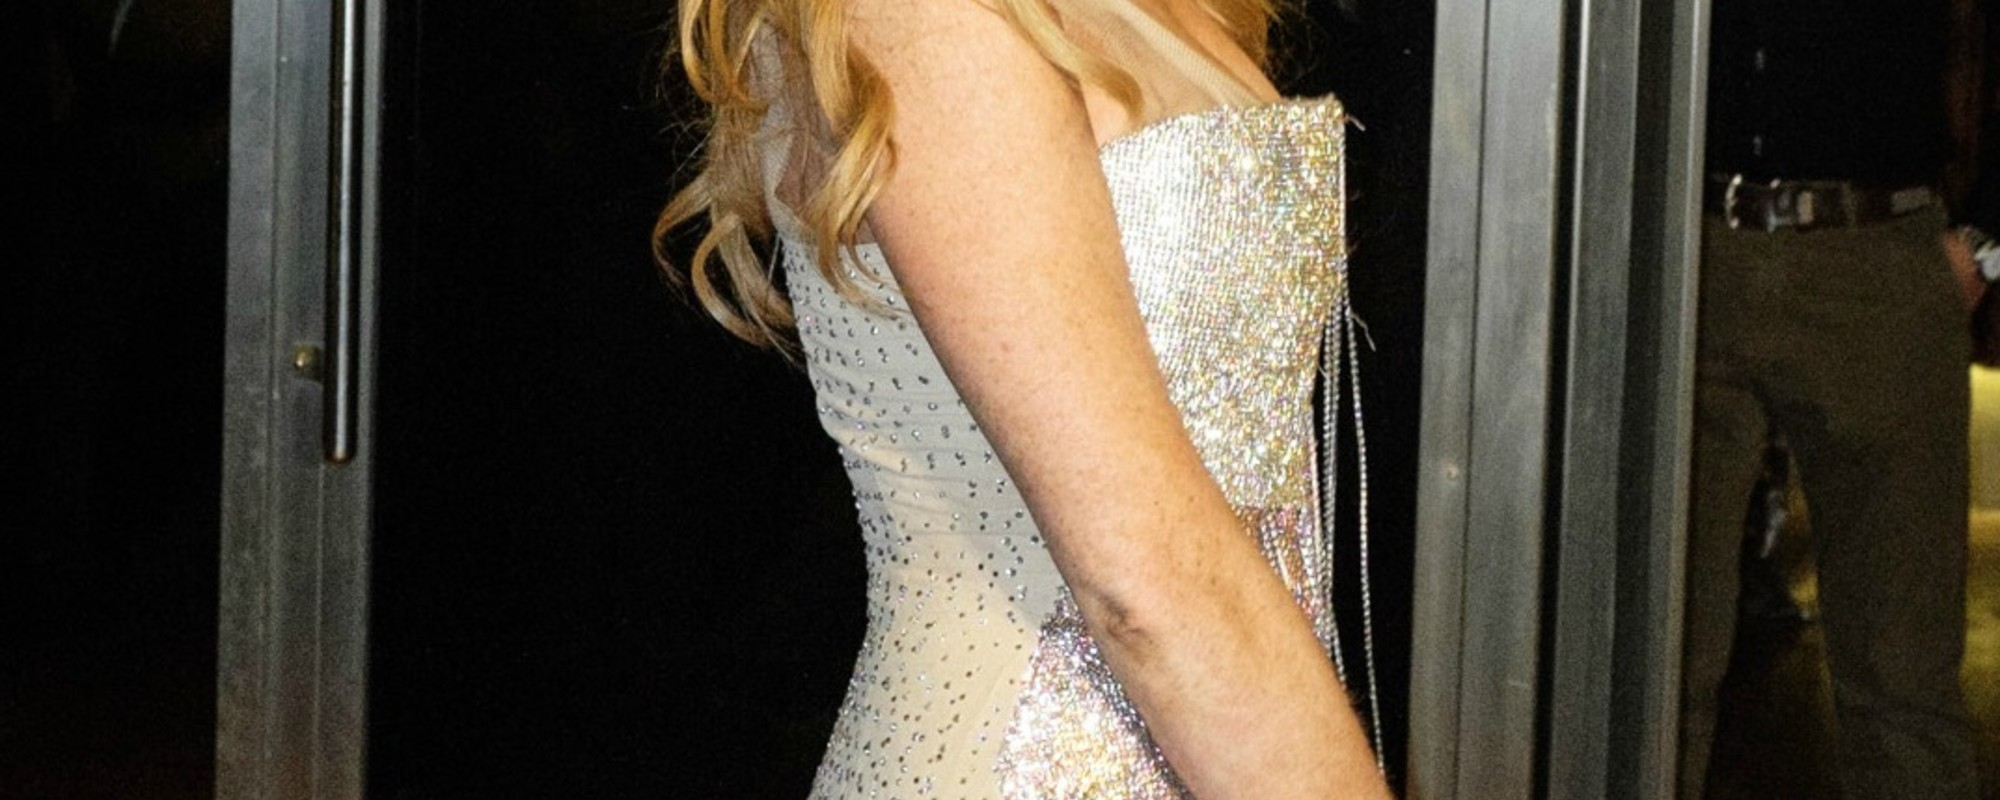 Πήγαμε στο Γκλαμουράτο Opening του Κλαμπ της Lindsay Lohan στην Αθήνα